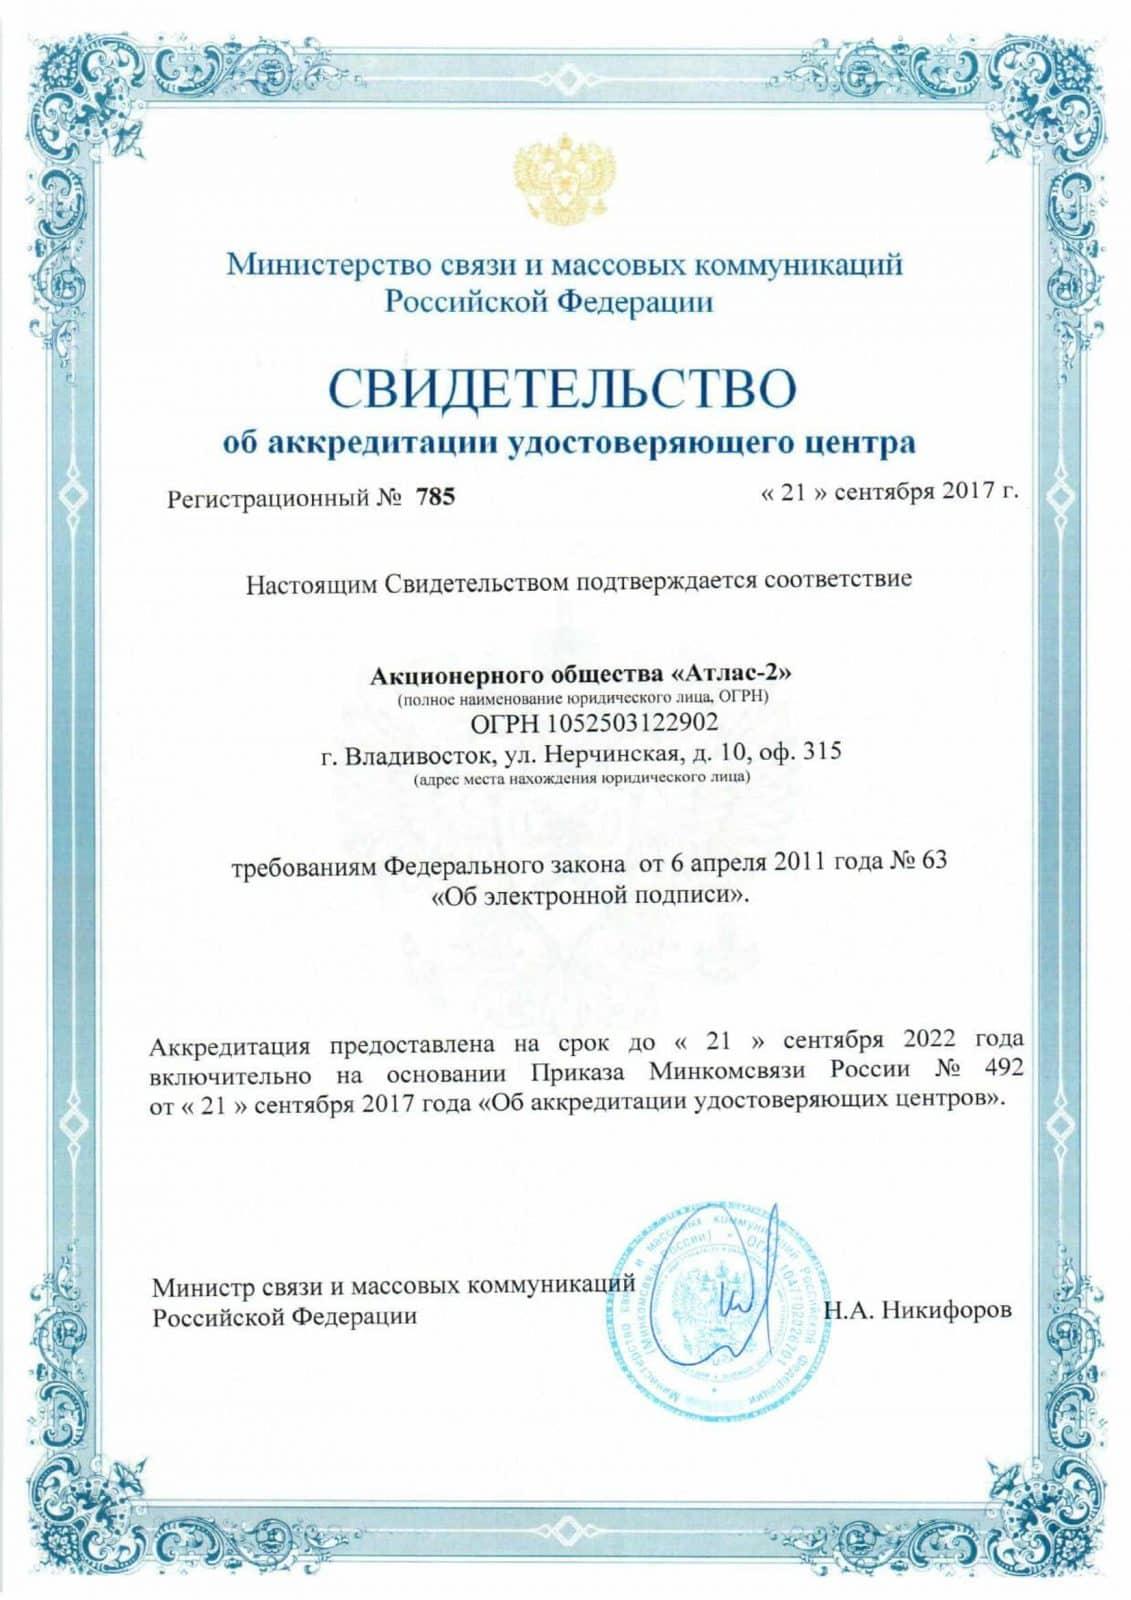 Свидетельство об Аккредитации УЦ Атлас-2